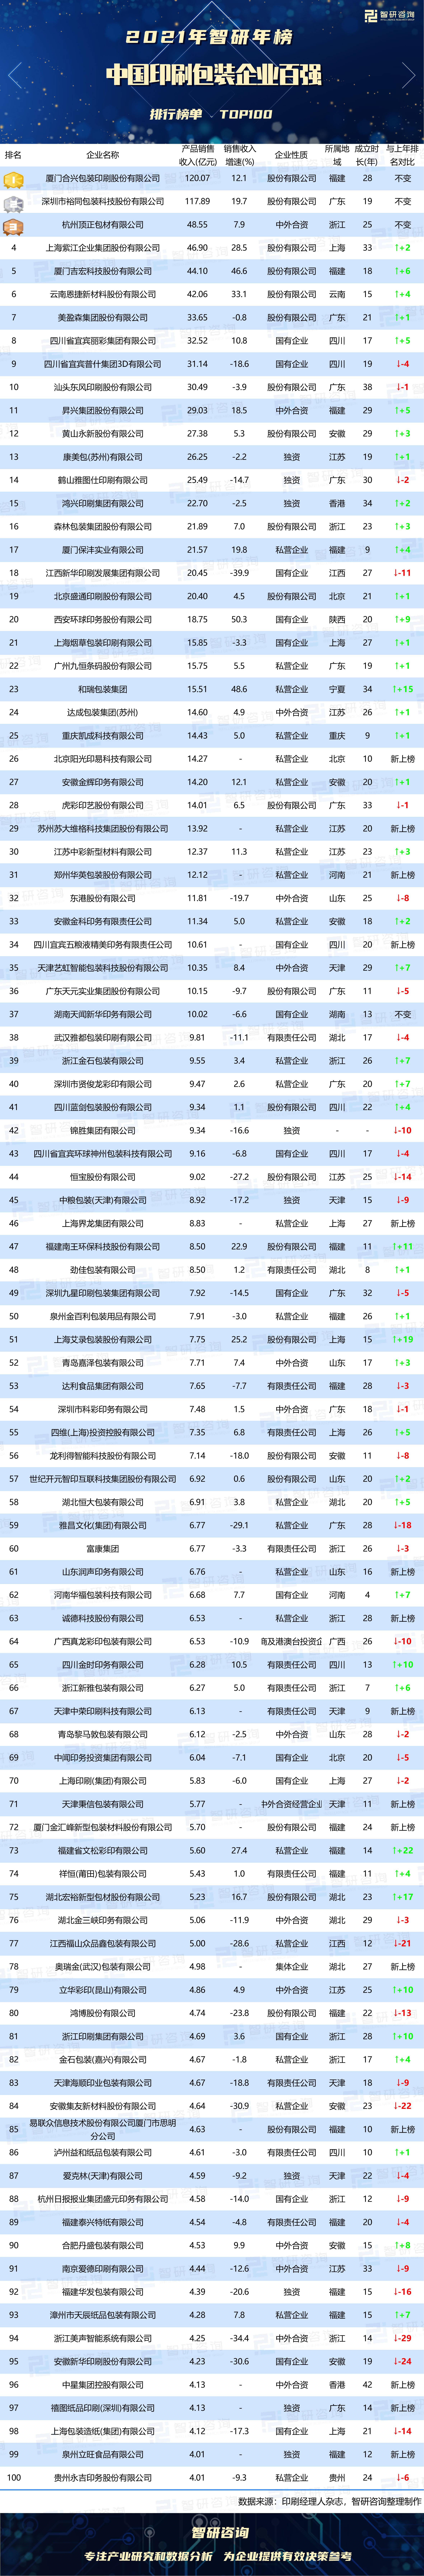 印刷企业排行_2021年中国印刷包装企业百强排行榜:私营企业上榜数量最多(附年...